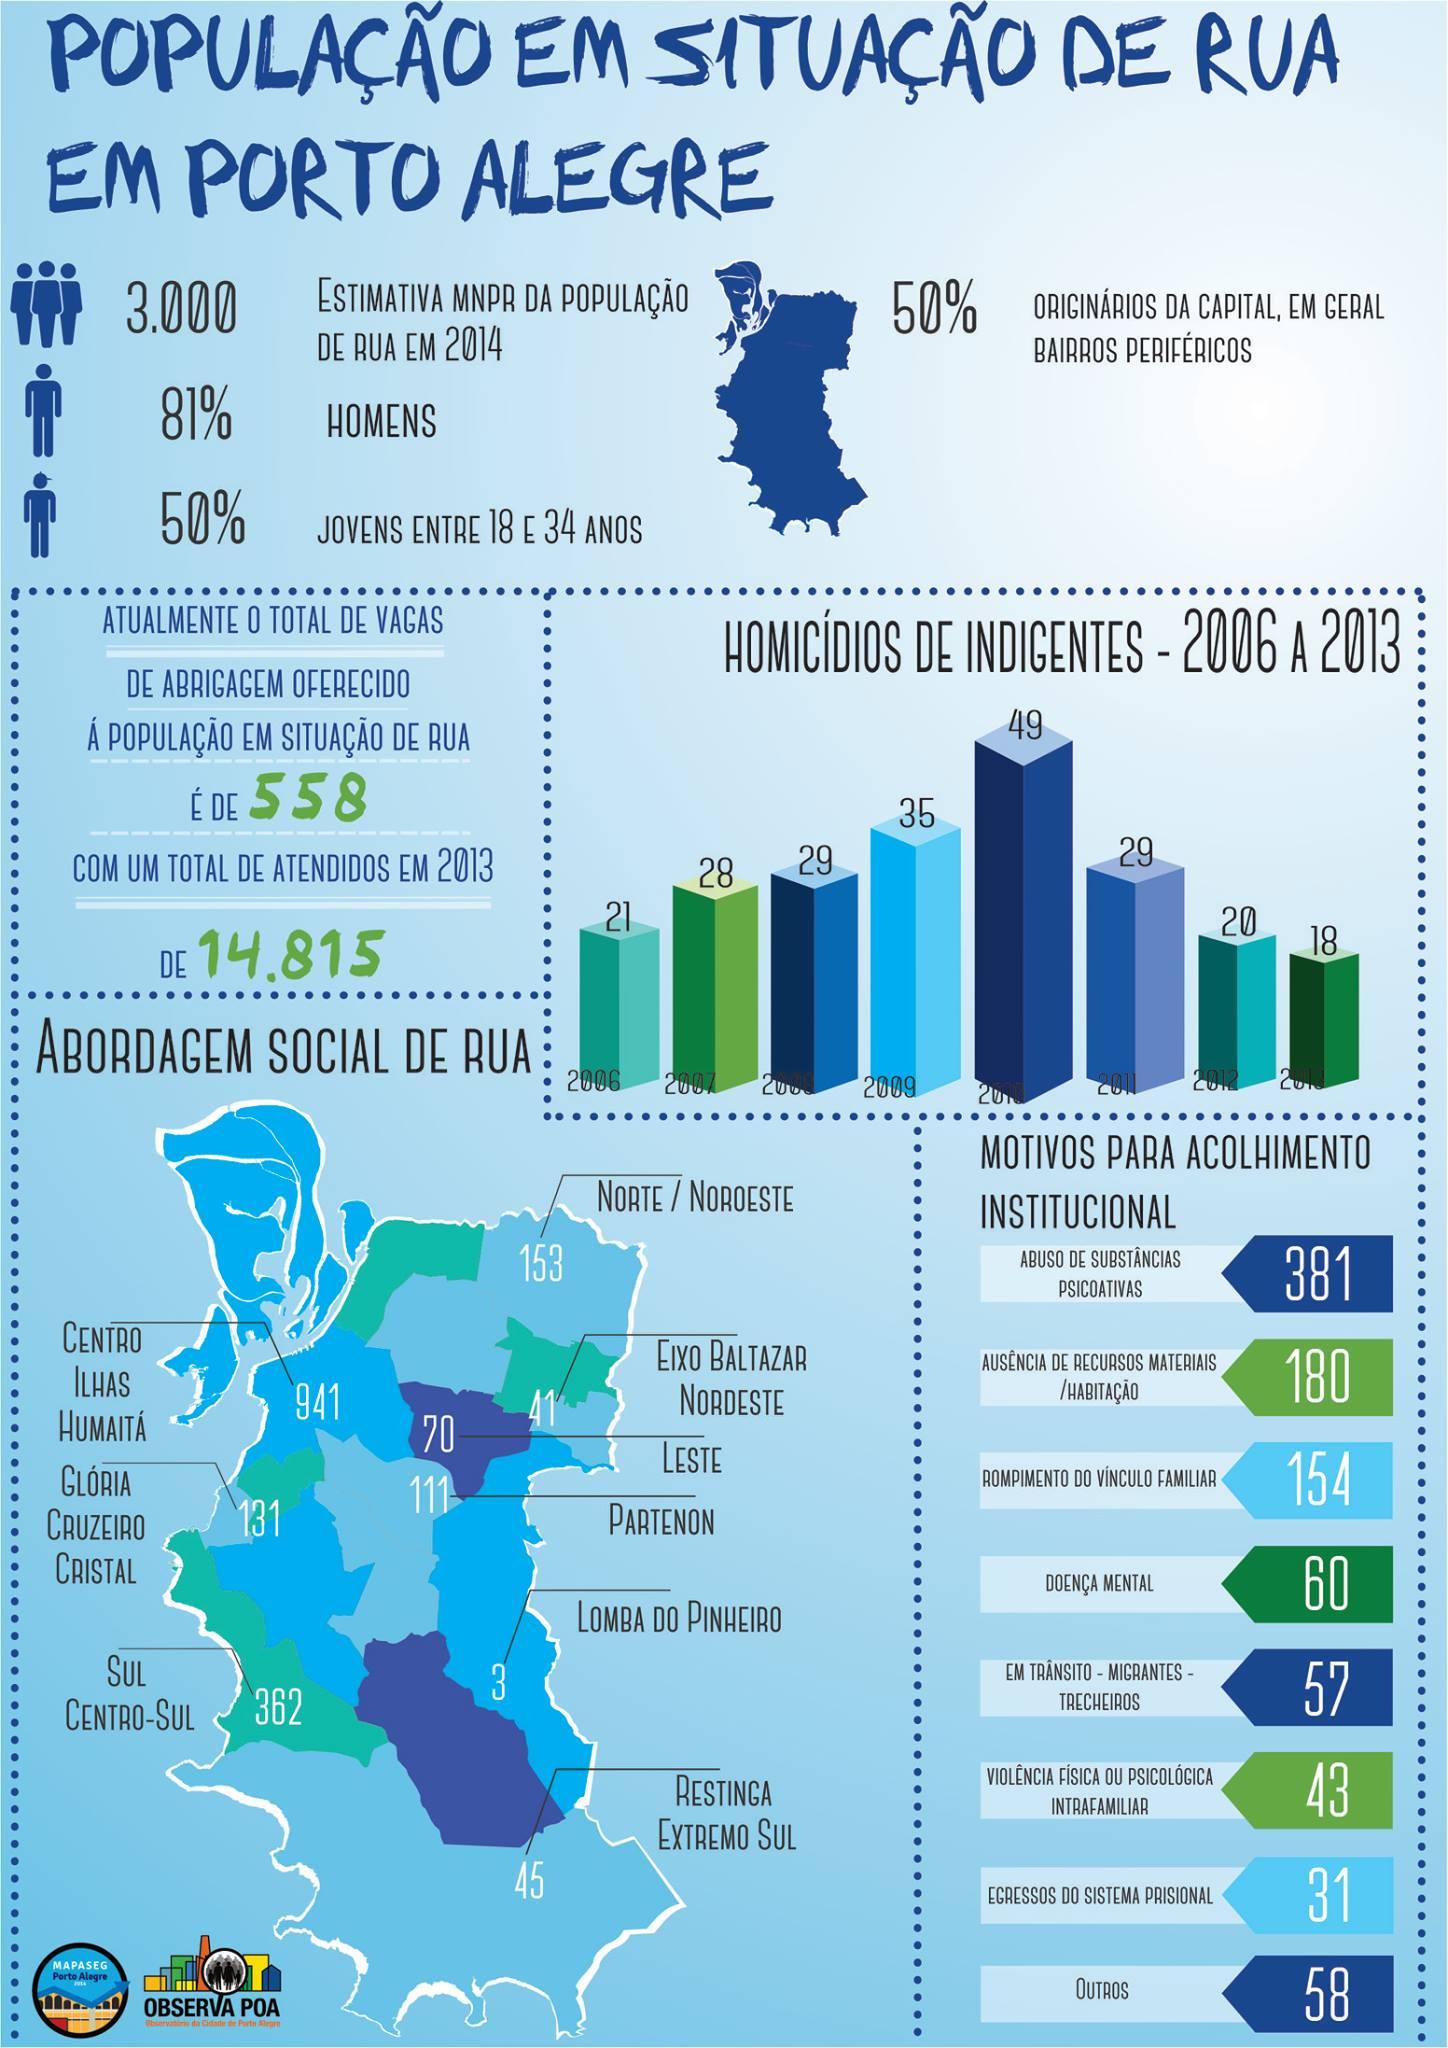 Infográfico sobre a população de rua de Porto Alegre